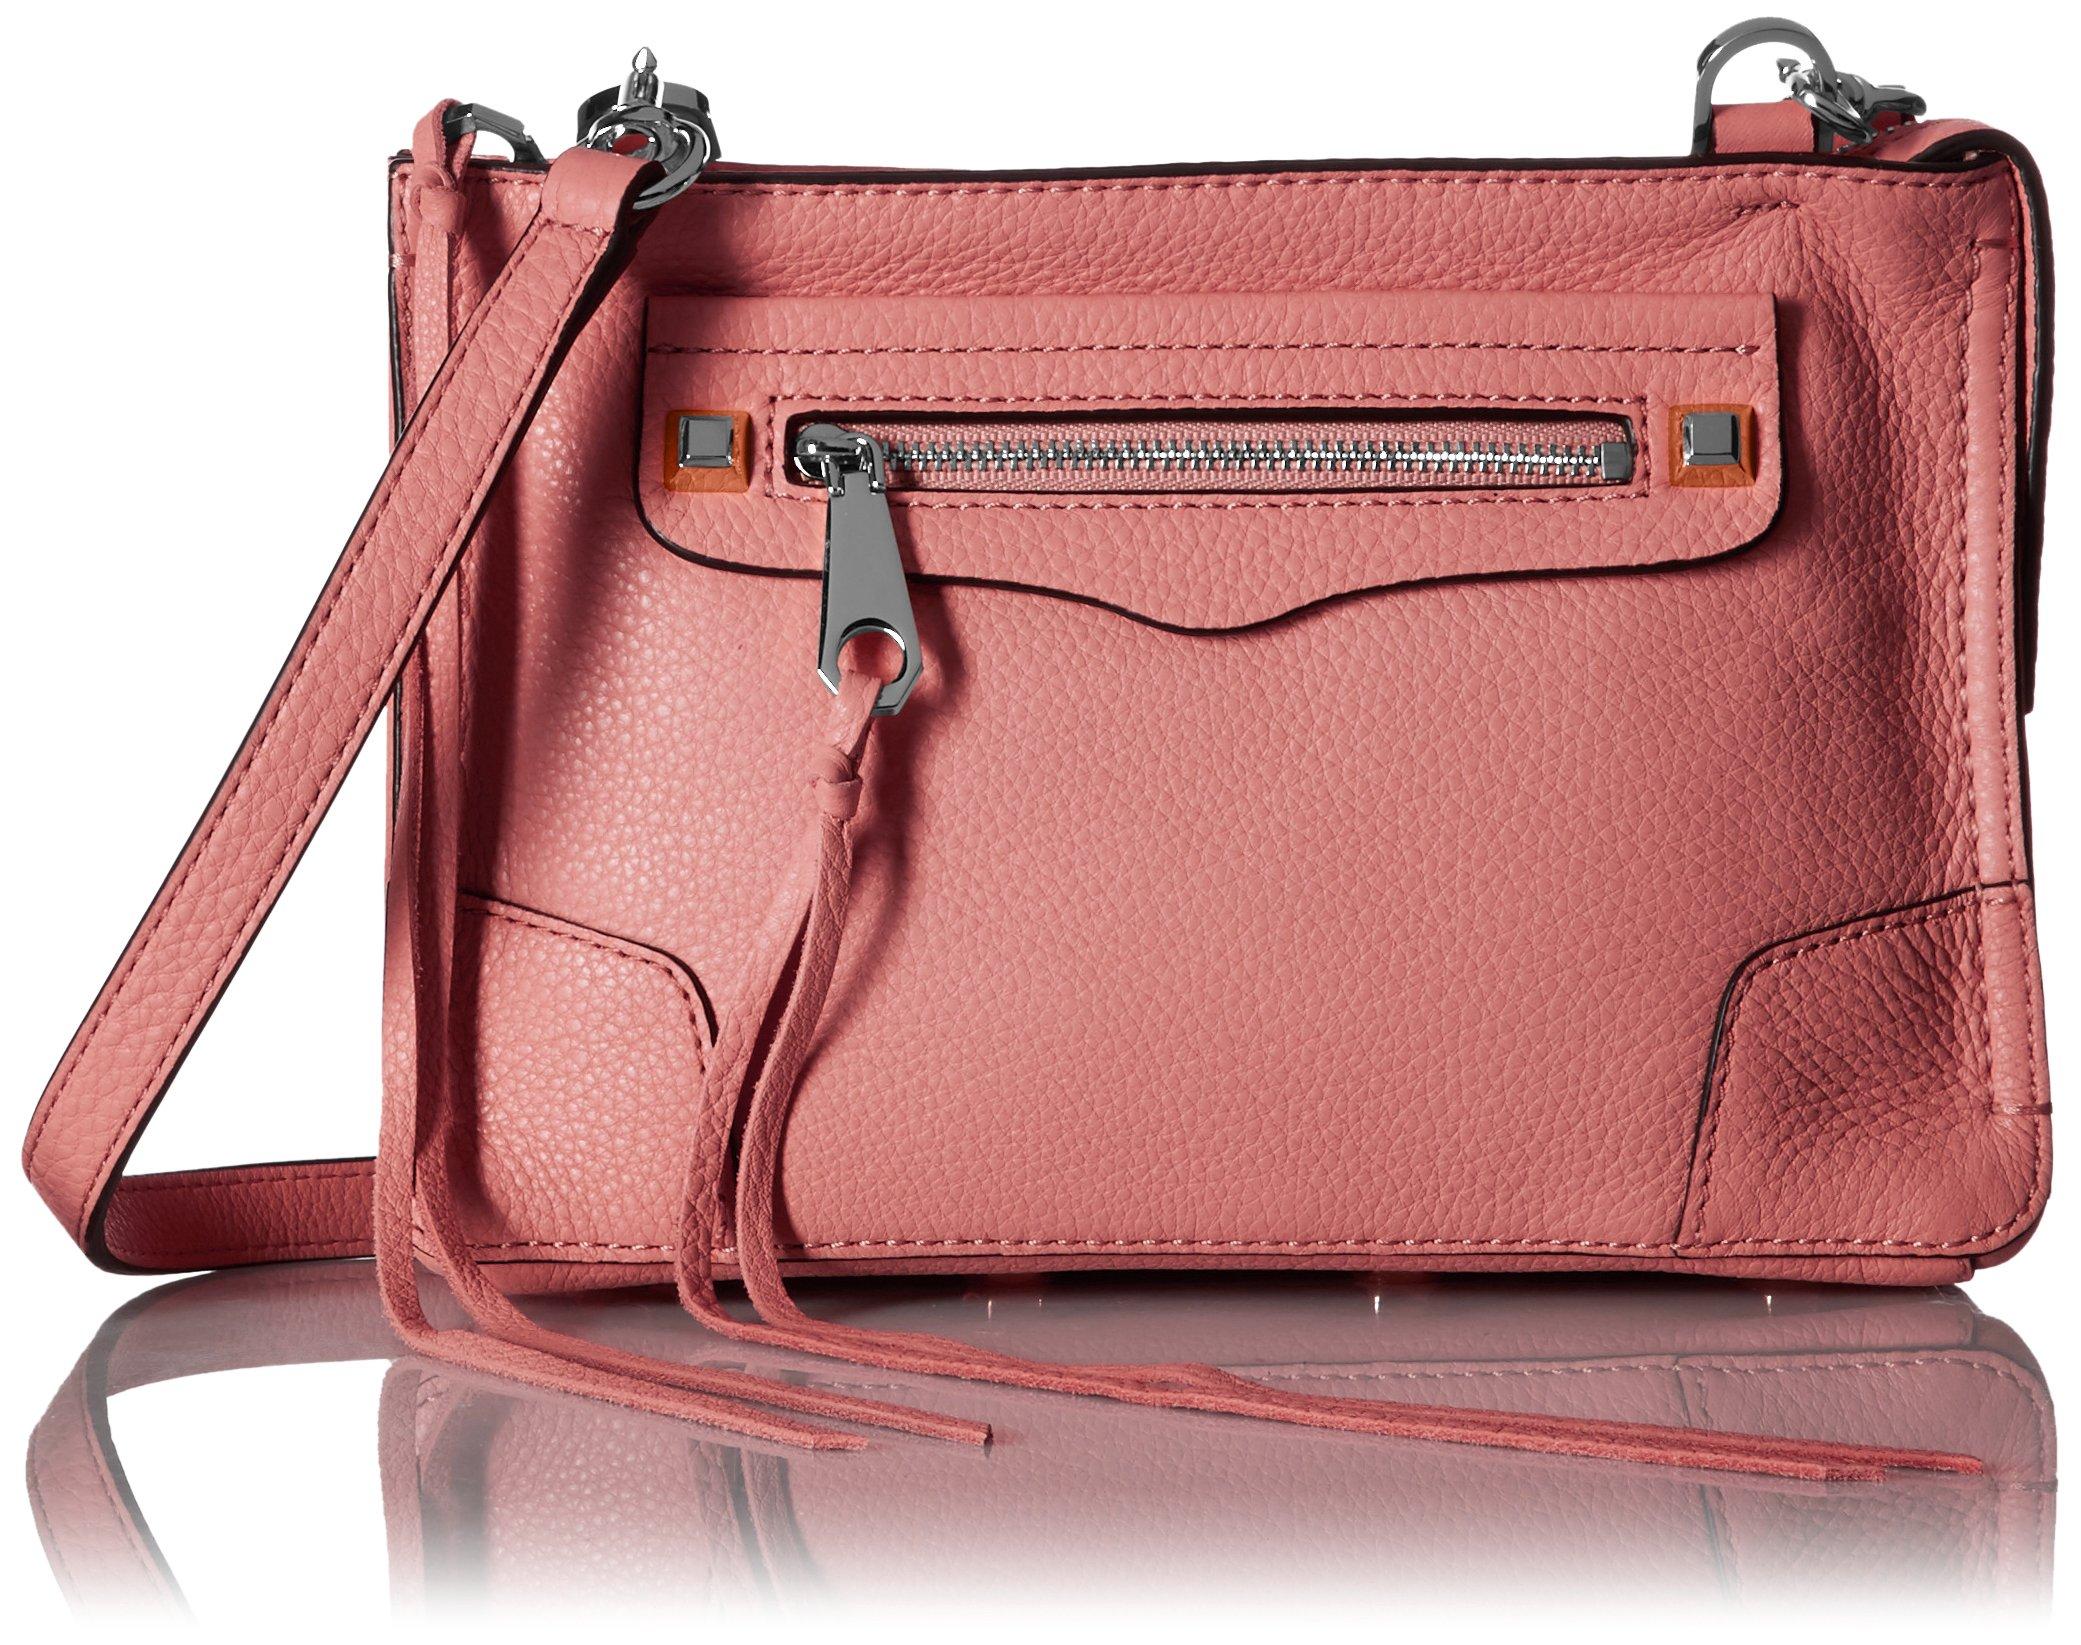 Rebecca Minkoff Regan Cross Body Bag, Guava, One Size